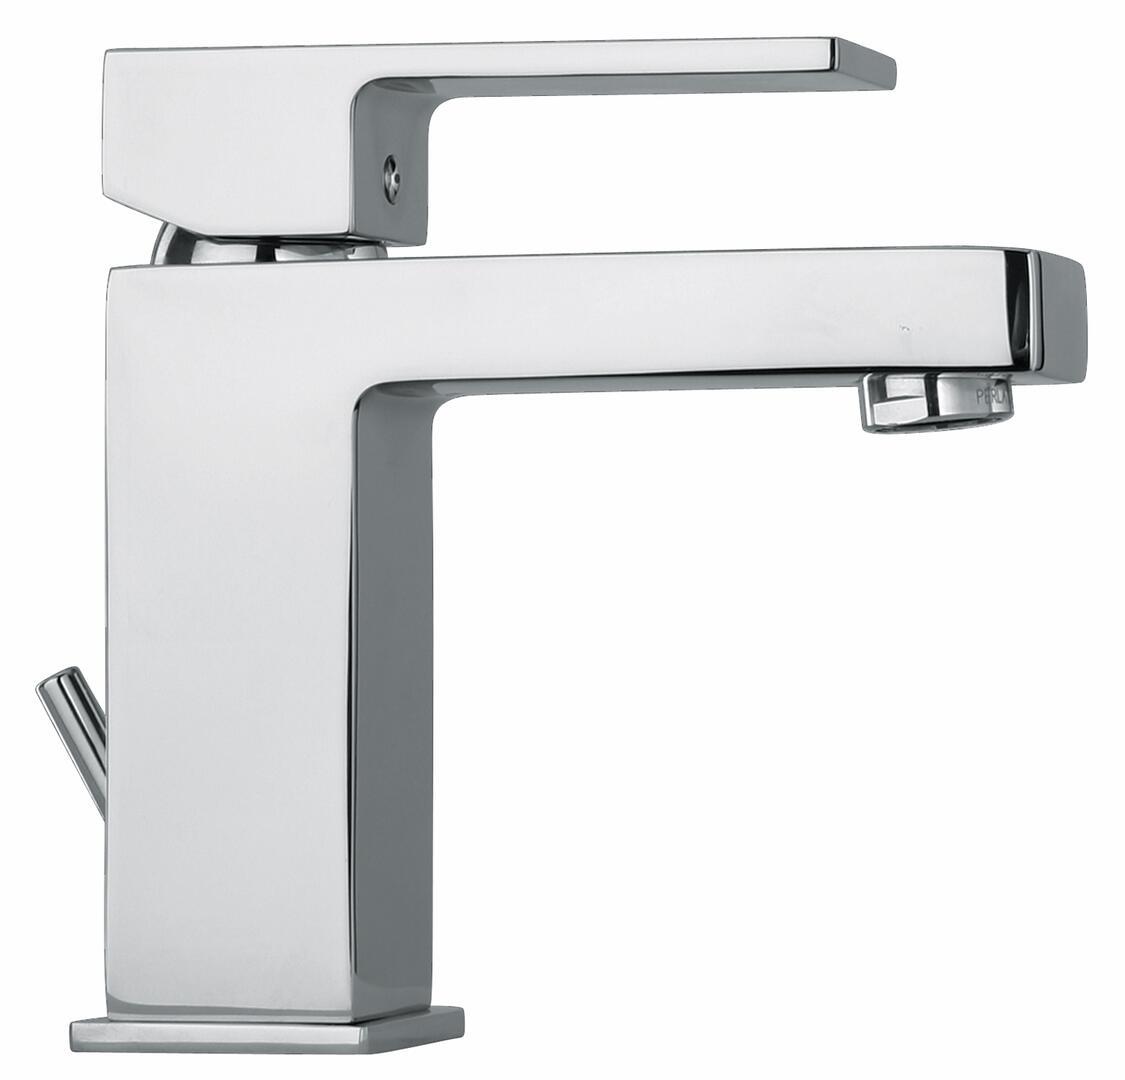 Jewel Faucets 12211120 | Appliances Connection